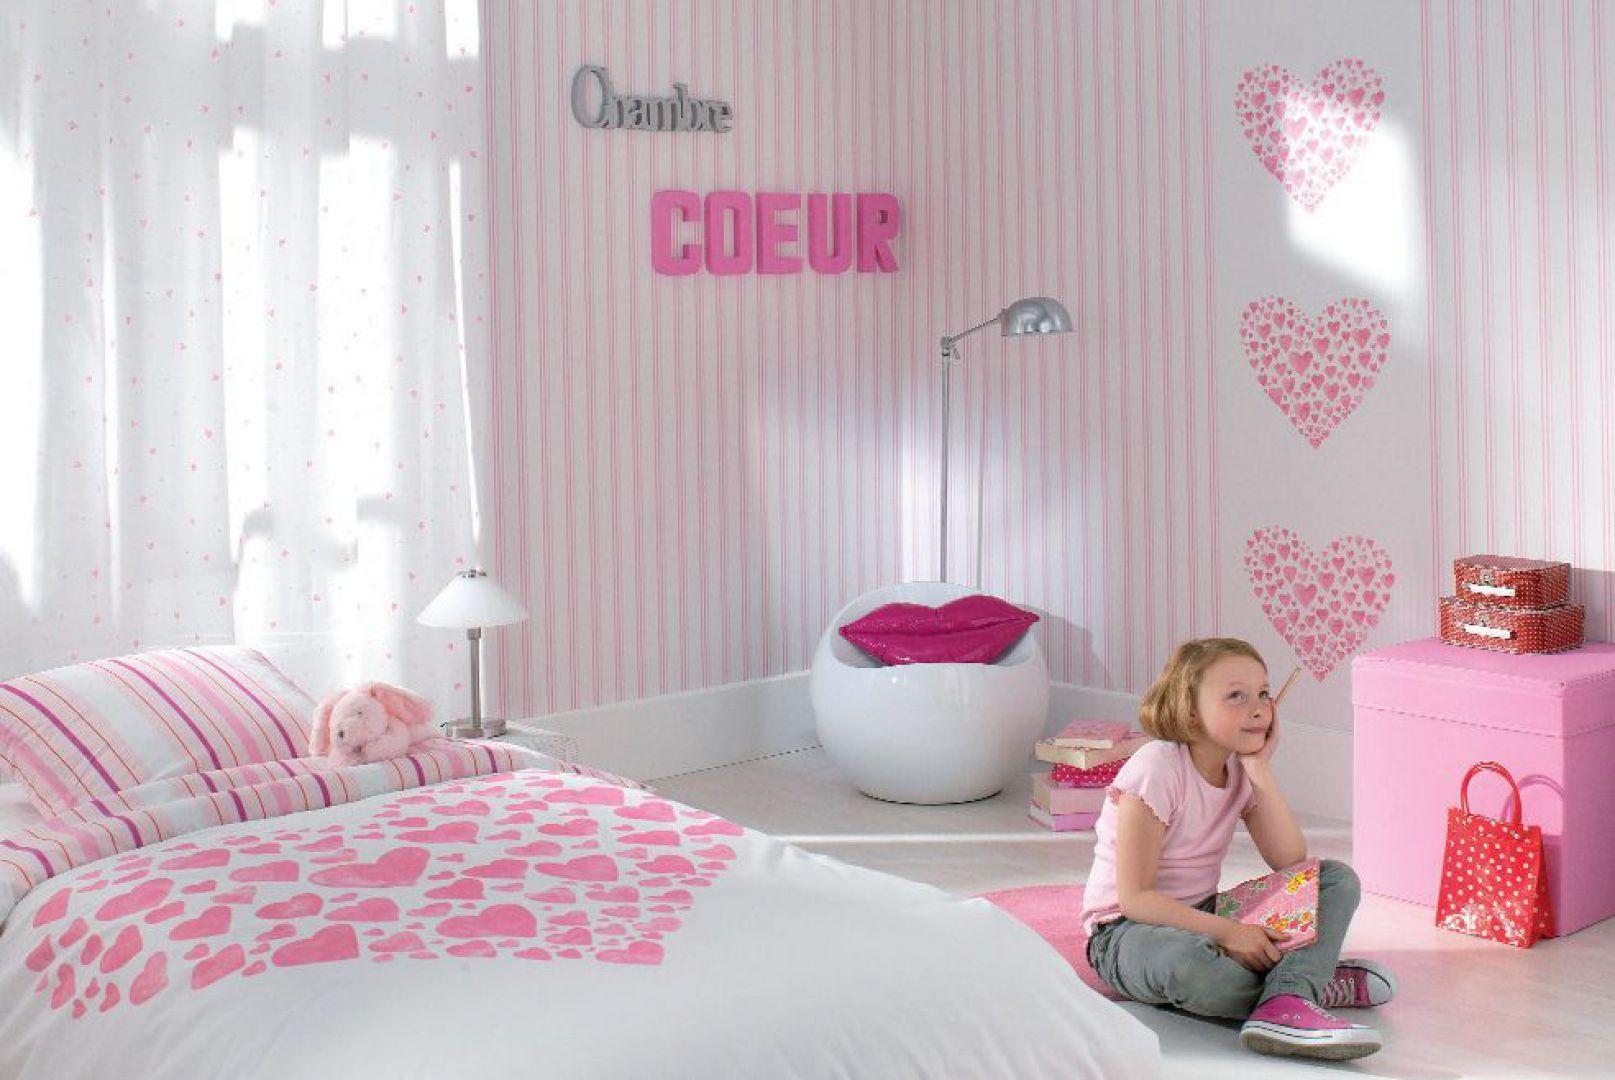 Chambre a coucher actuelle for Deco chambre actuelle